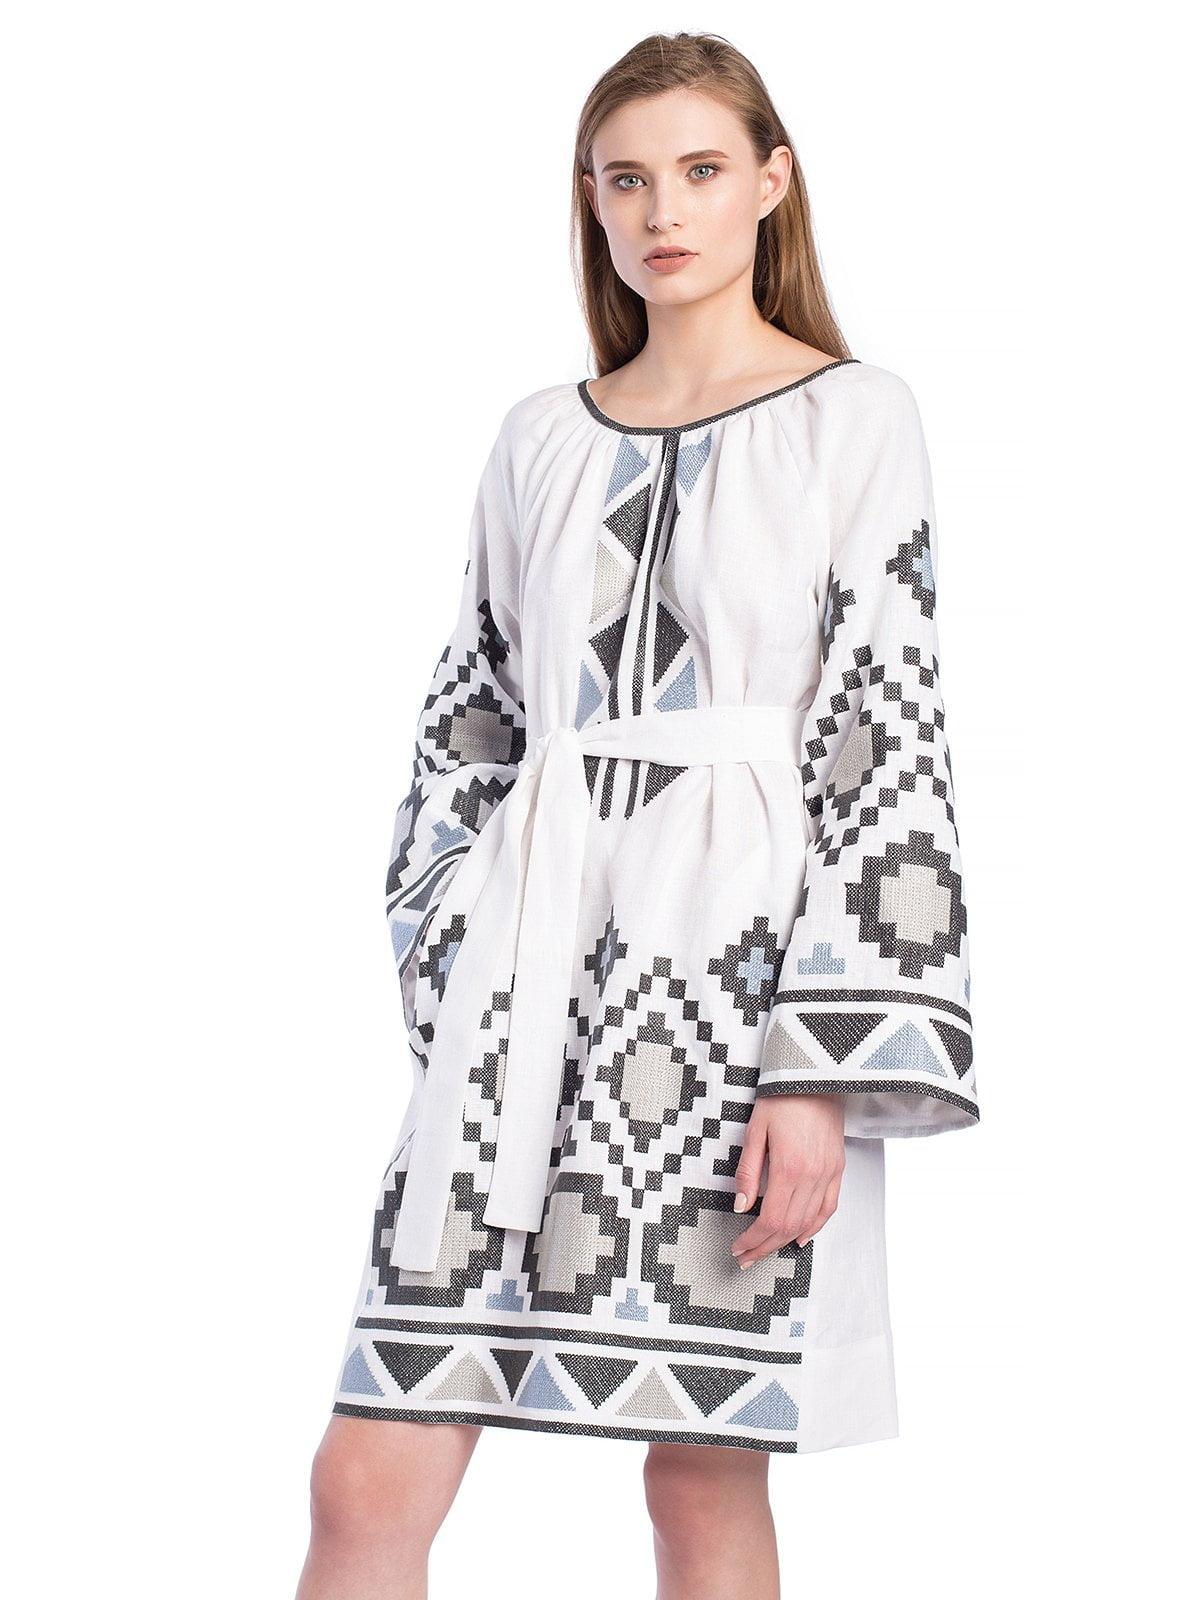 5ce0f3b8a29 ... Белое льняное платье с массивной геометрической вышивкой ETHNO6 ...